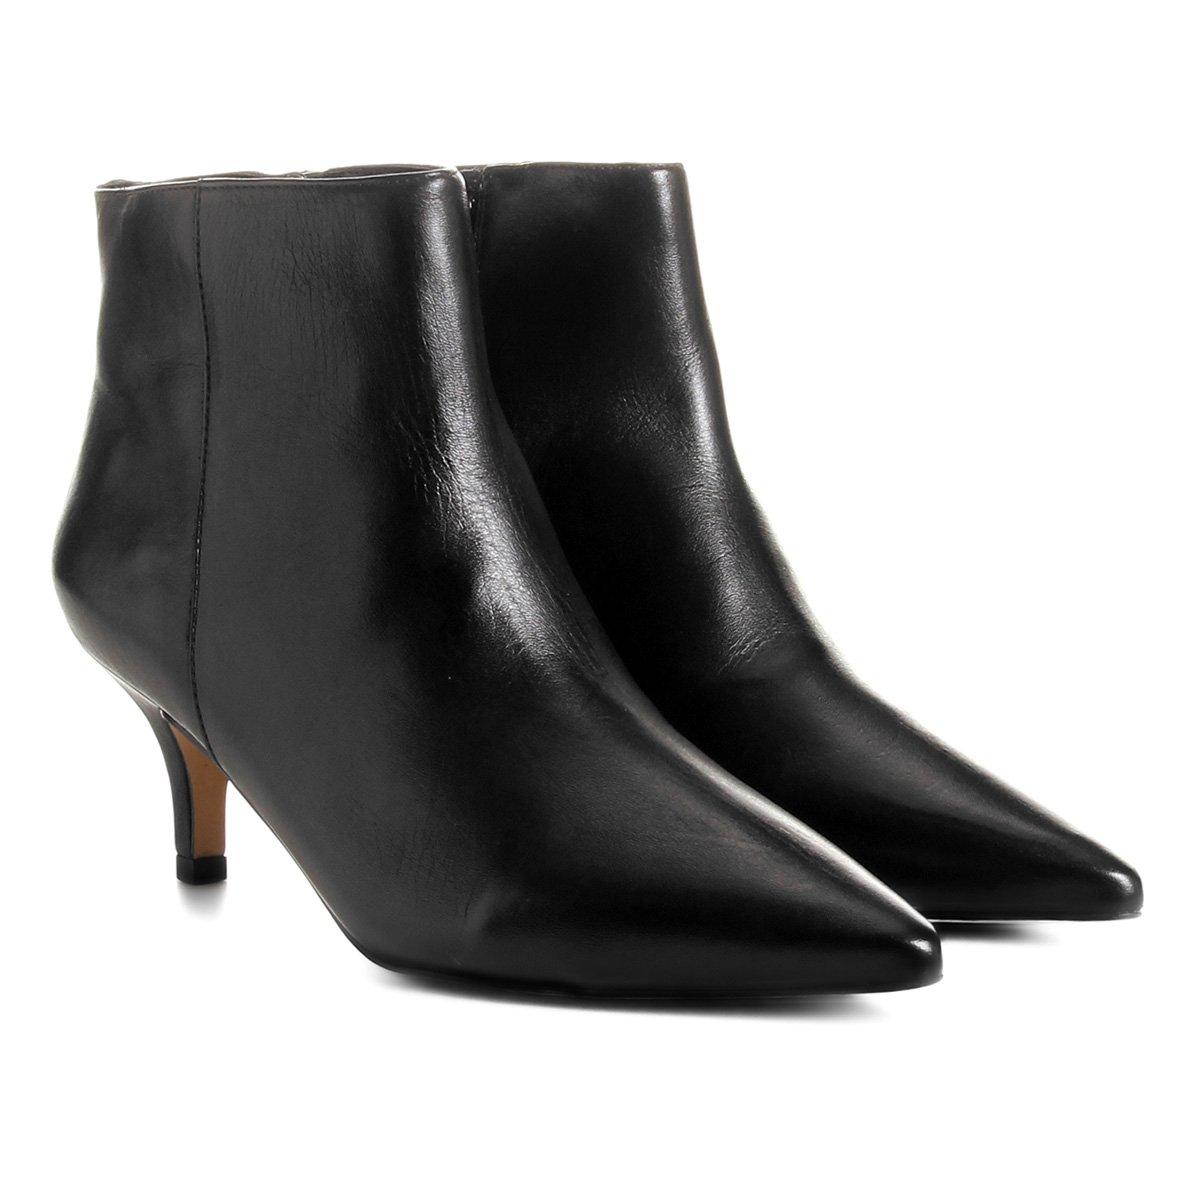 c12f233fe Bota Couro Cano Curto Shoestock Salto Curto Feminina - Preto - Compre Agora